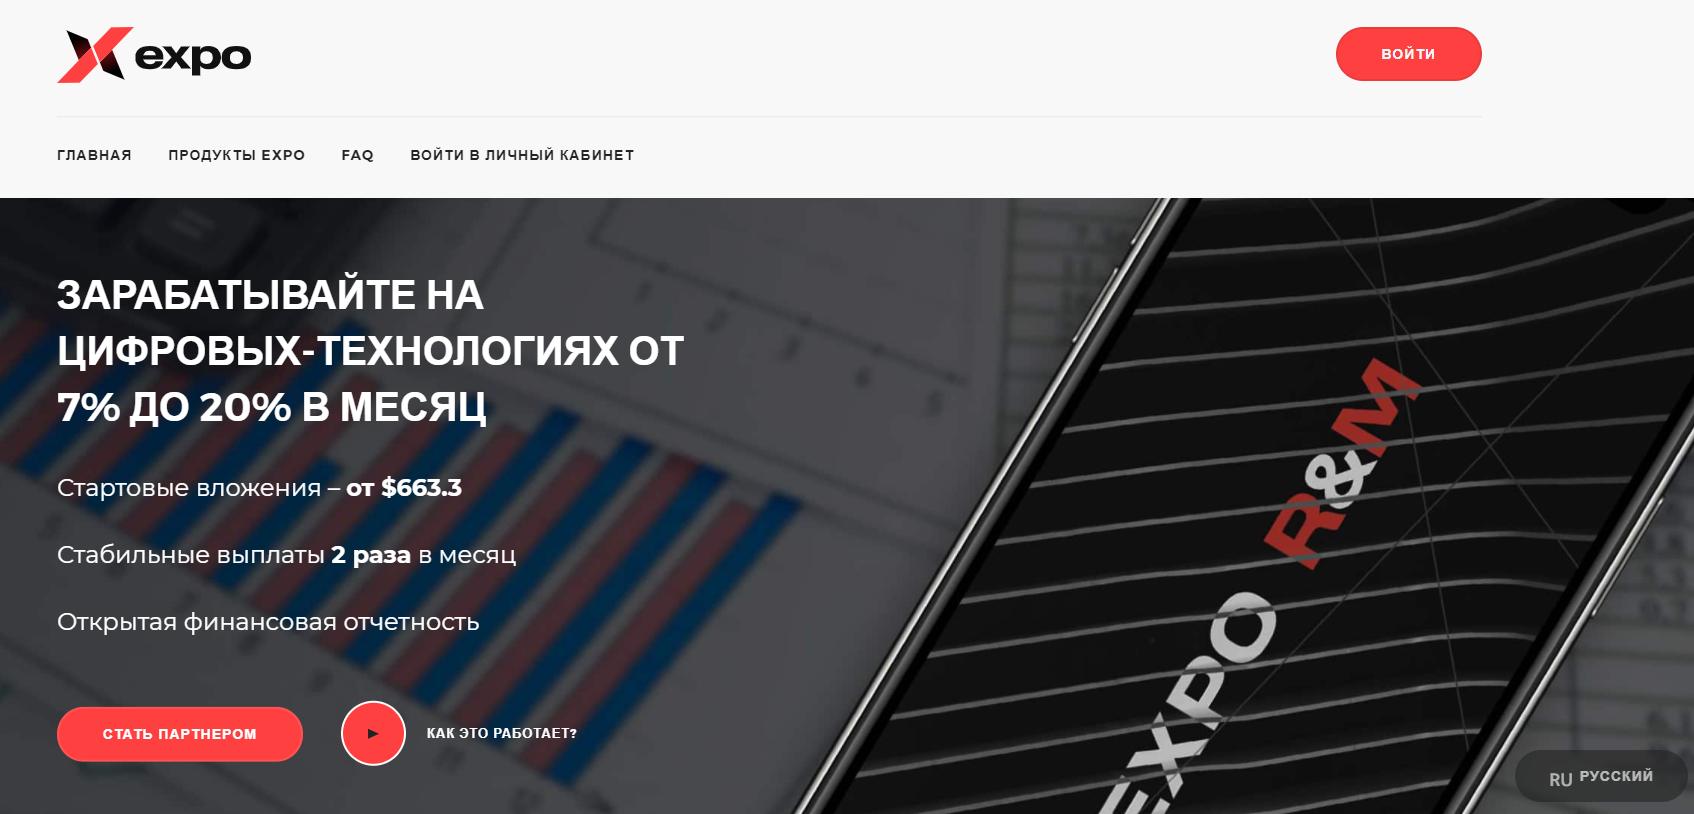 Отзывы об EXPO R&M: реальная платформа для заработка или очередной обман? реальные отзывы